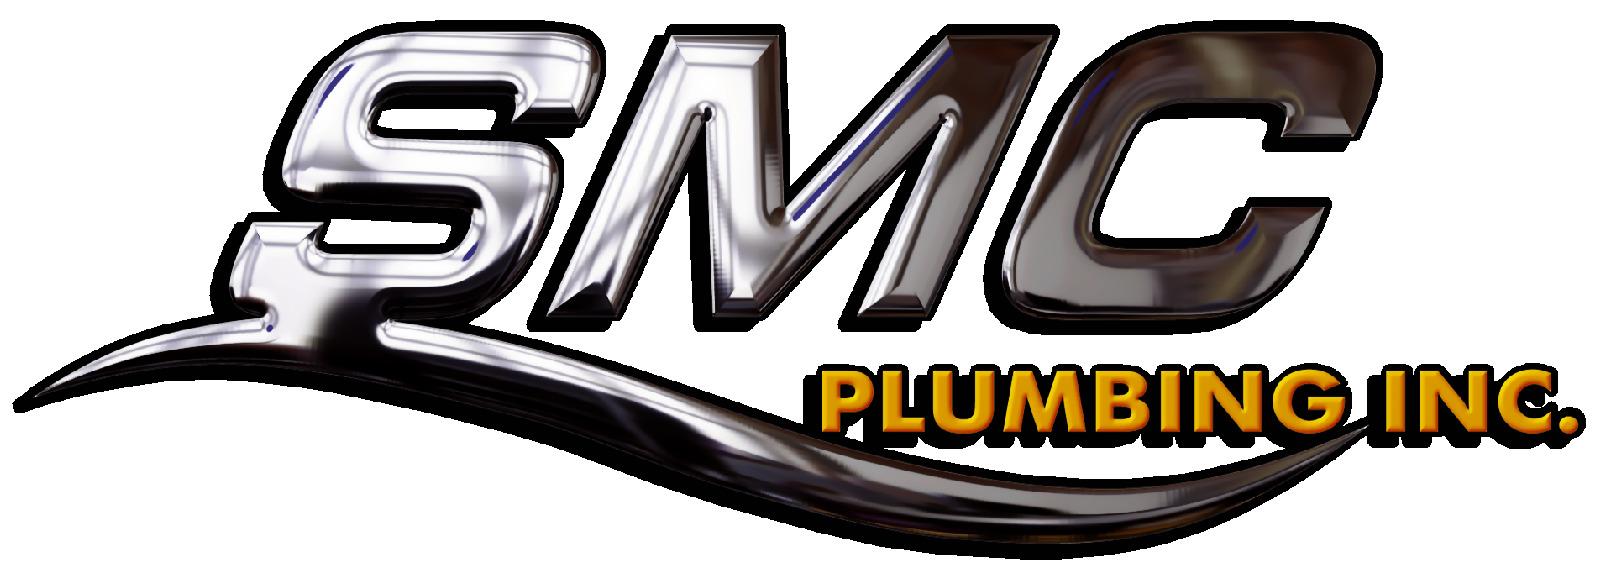 SMC PLUMBING INC